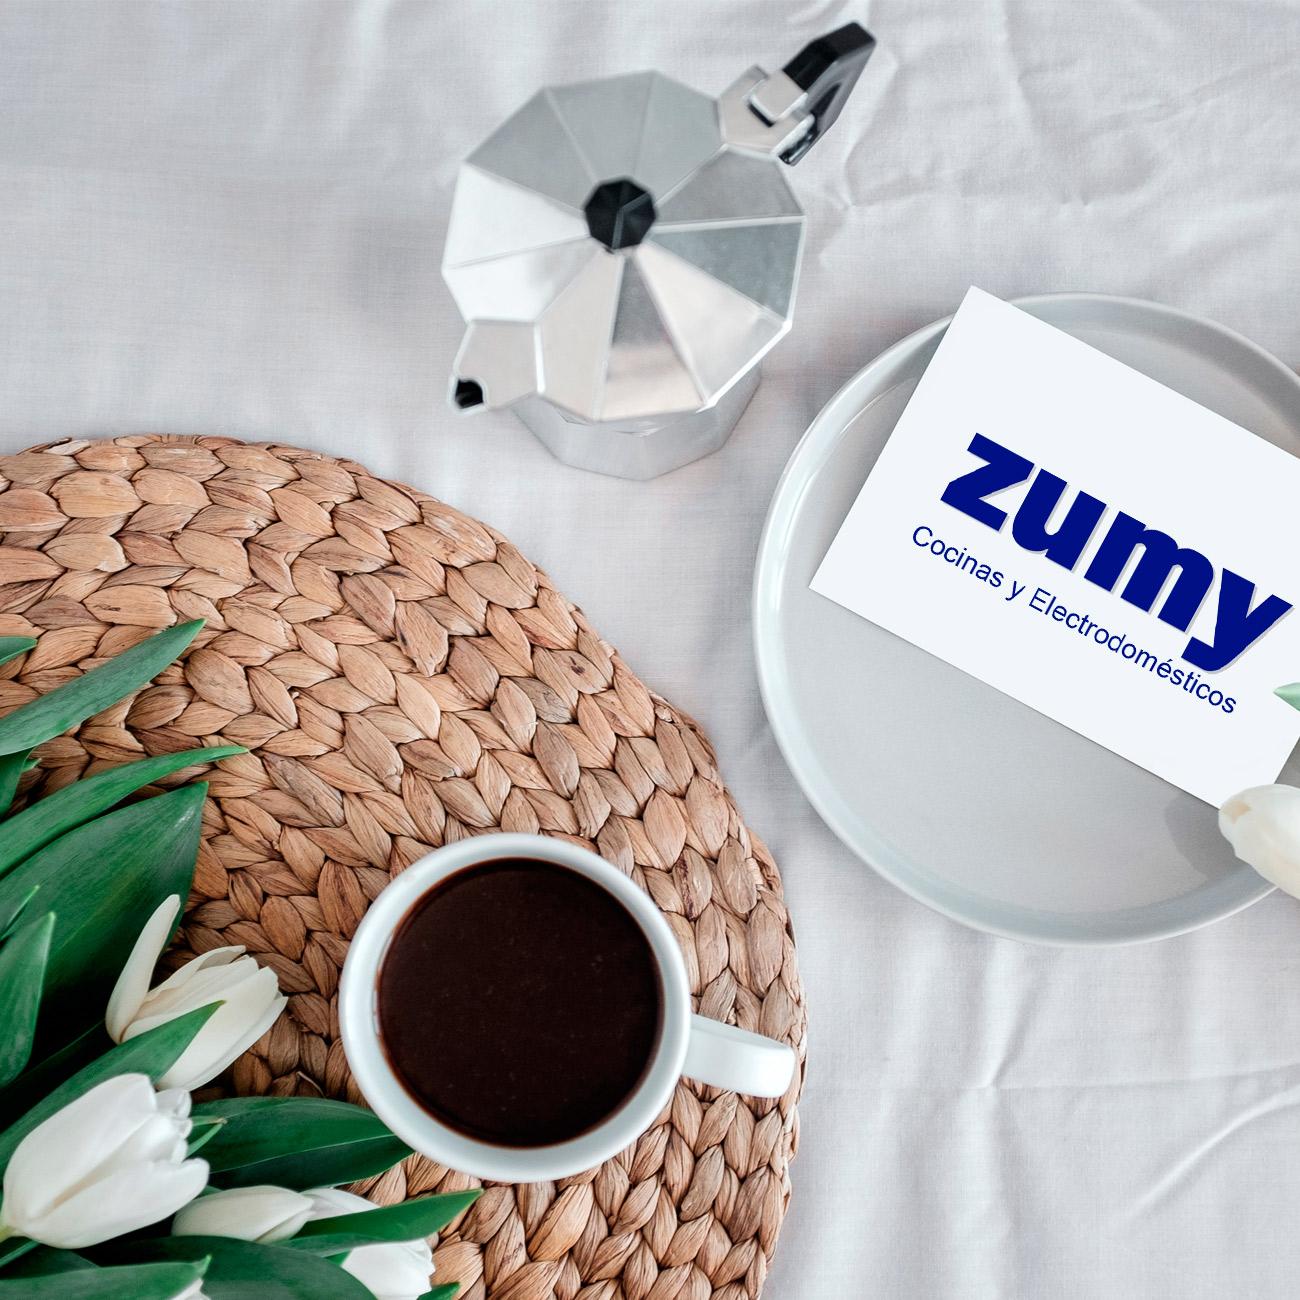 Zumy cocinas y electrodomésticos